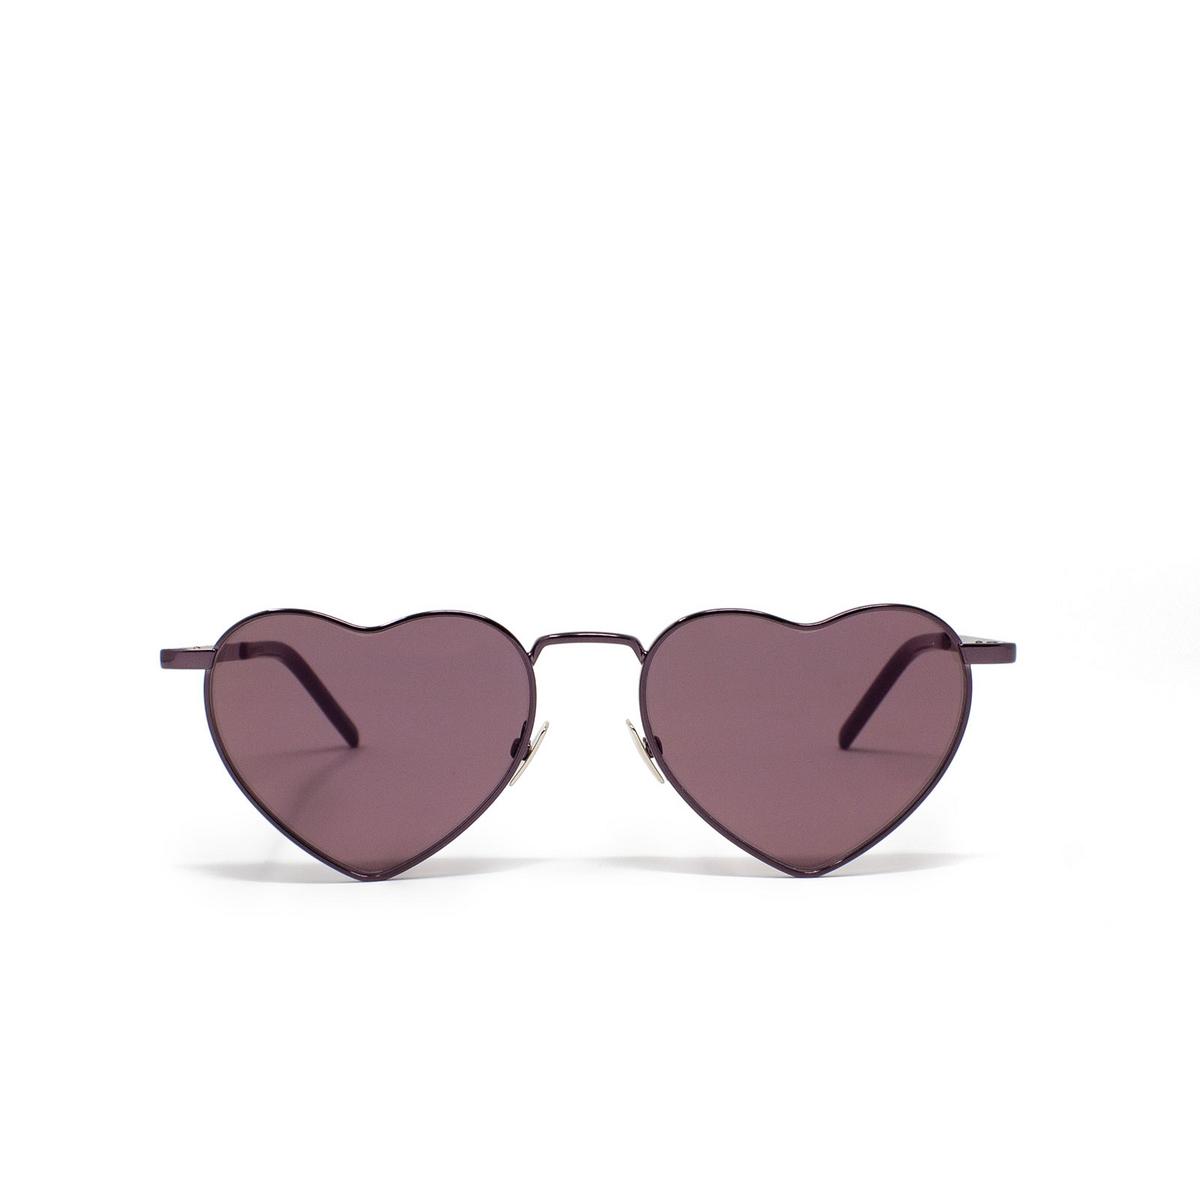 Saint Laurent® Irregular Sunglasses: Loulou SL 301 color Pink 007 - front view.